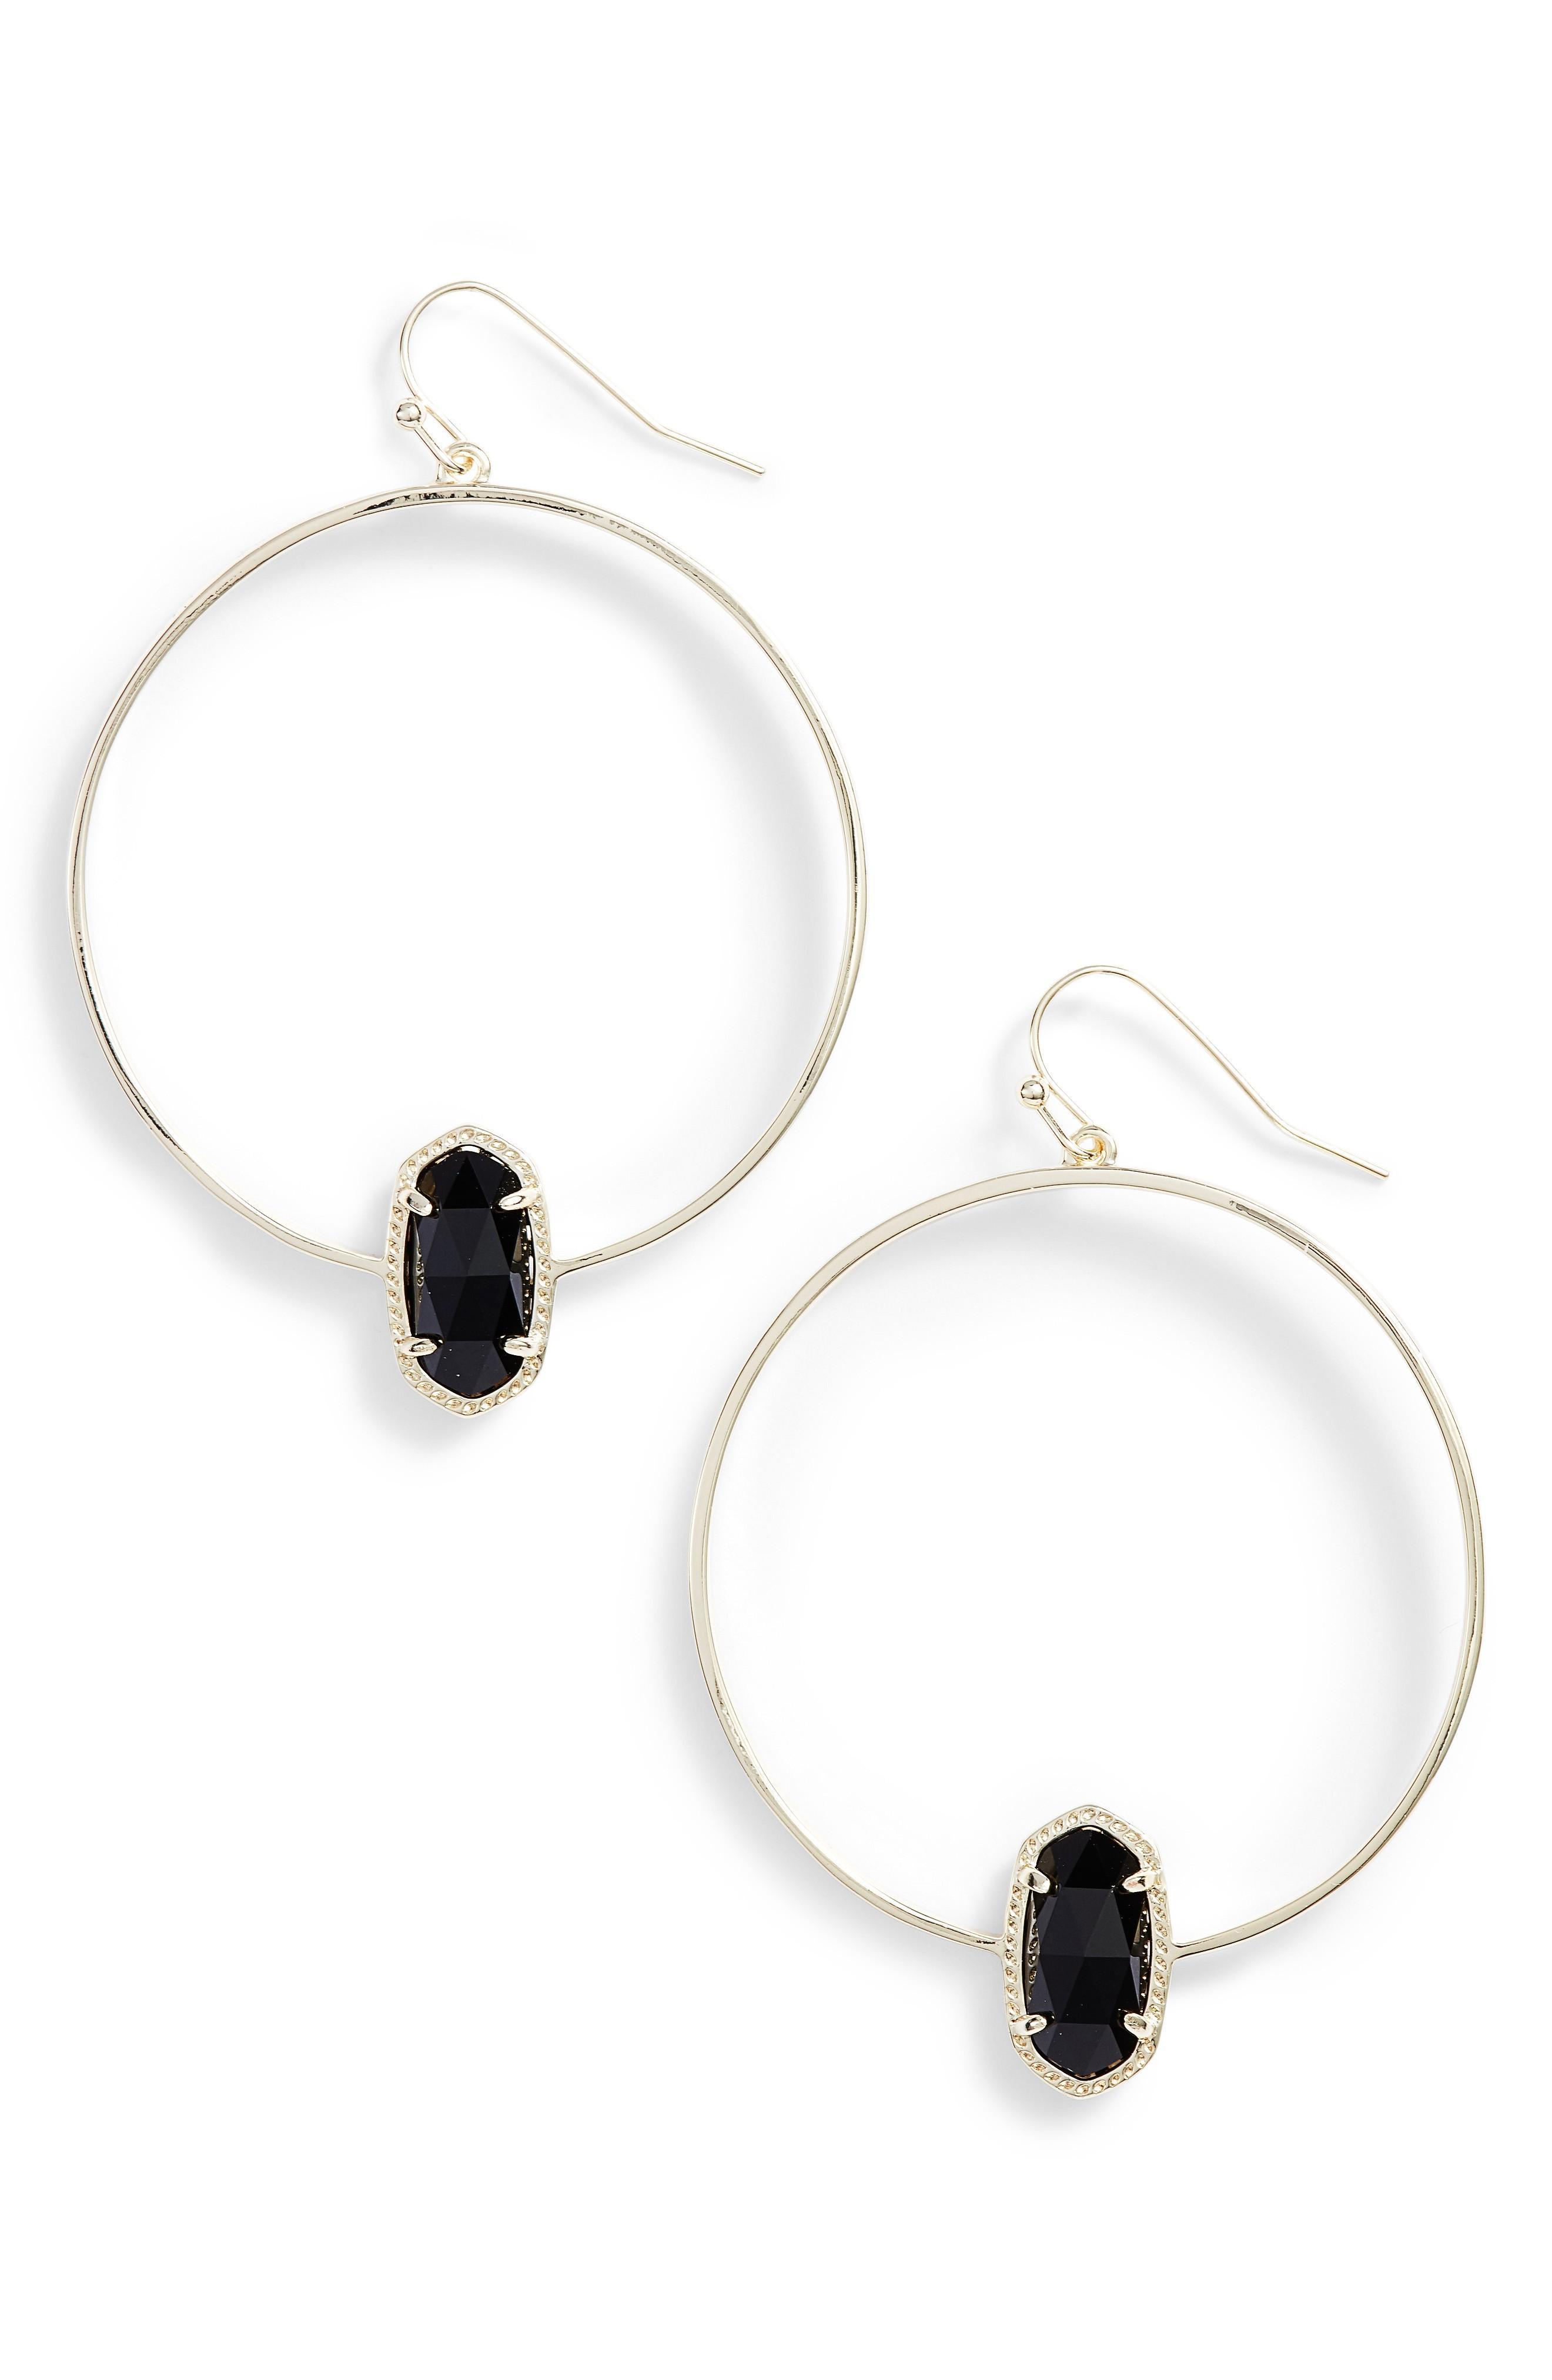 Kendra Scott Elora Frontal Hoop Earrings In Black/ Gold